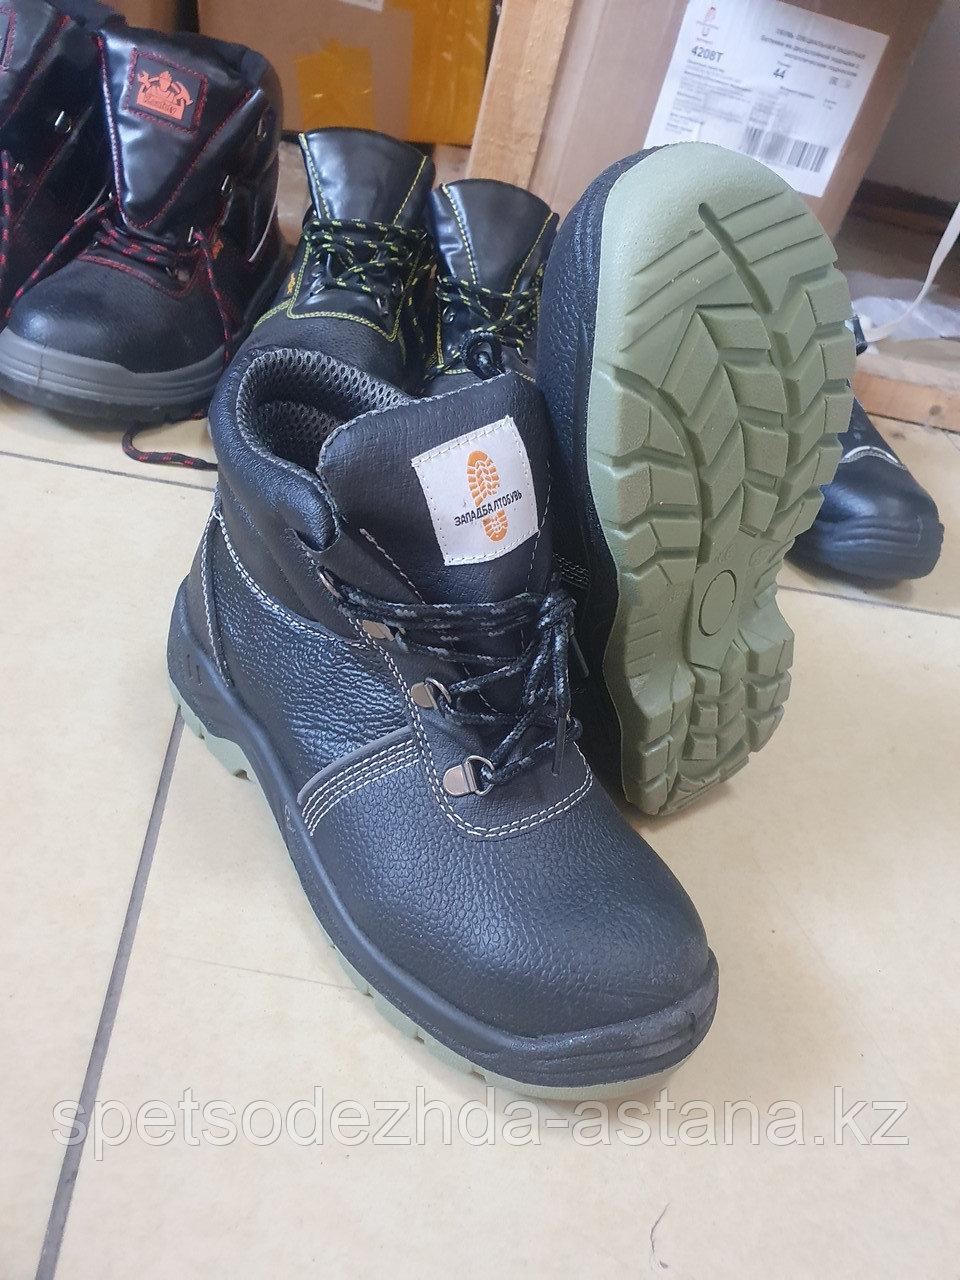 Спецобувь ботинки полуботинки сандали сапоги кирзовые с металлическим подноском